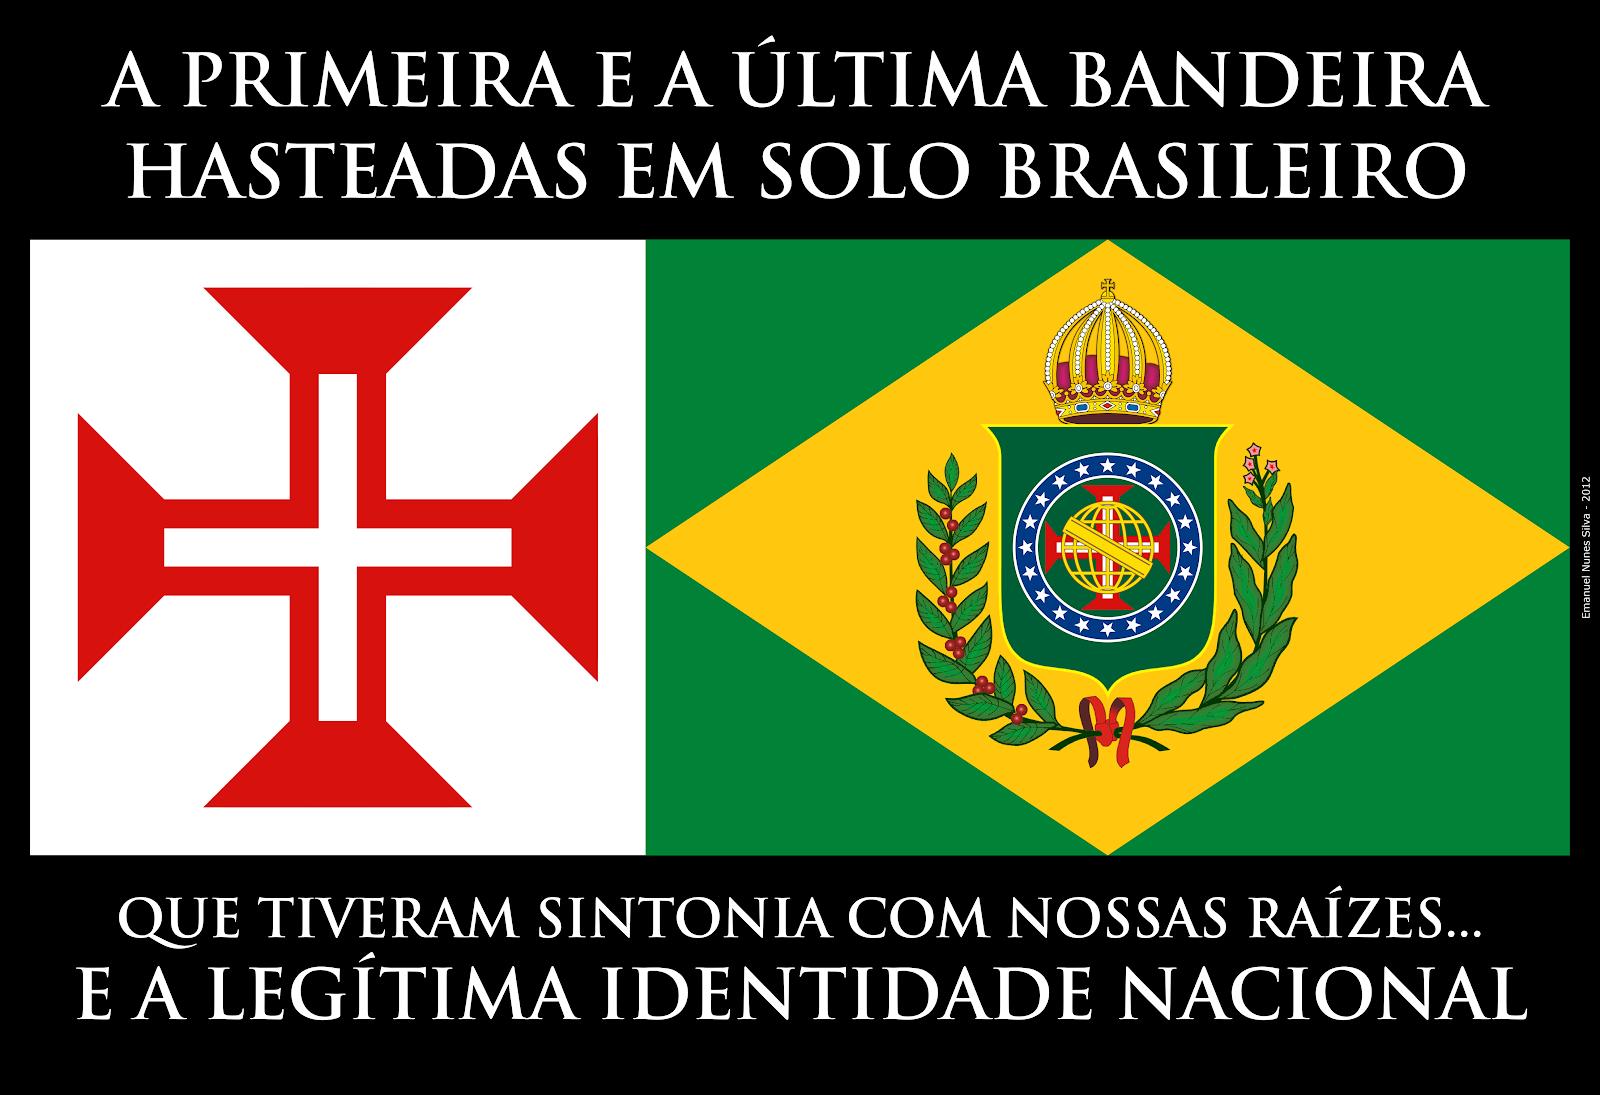 A Primeira Bandeira Do Brasil Republica emanuel nunes silva - blog i - minha fÉ sÃo meus